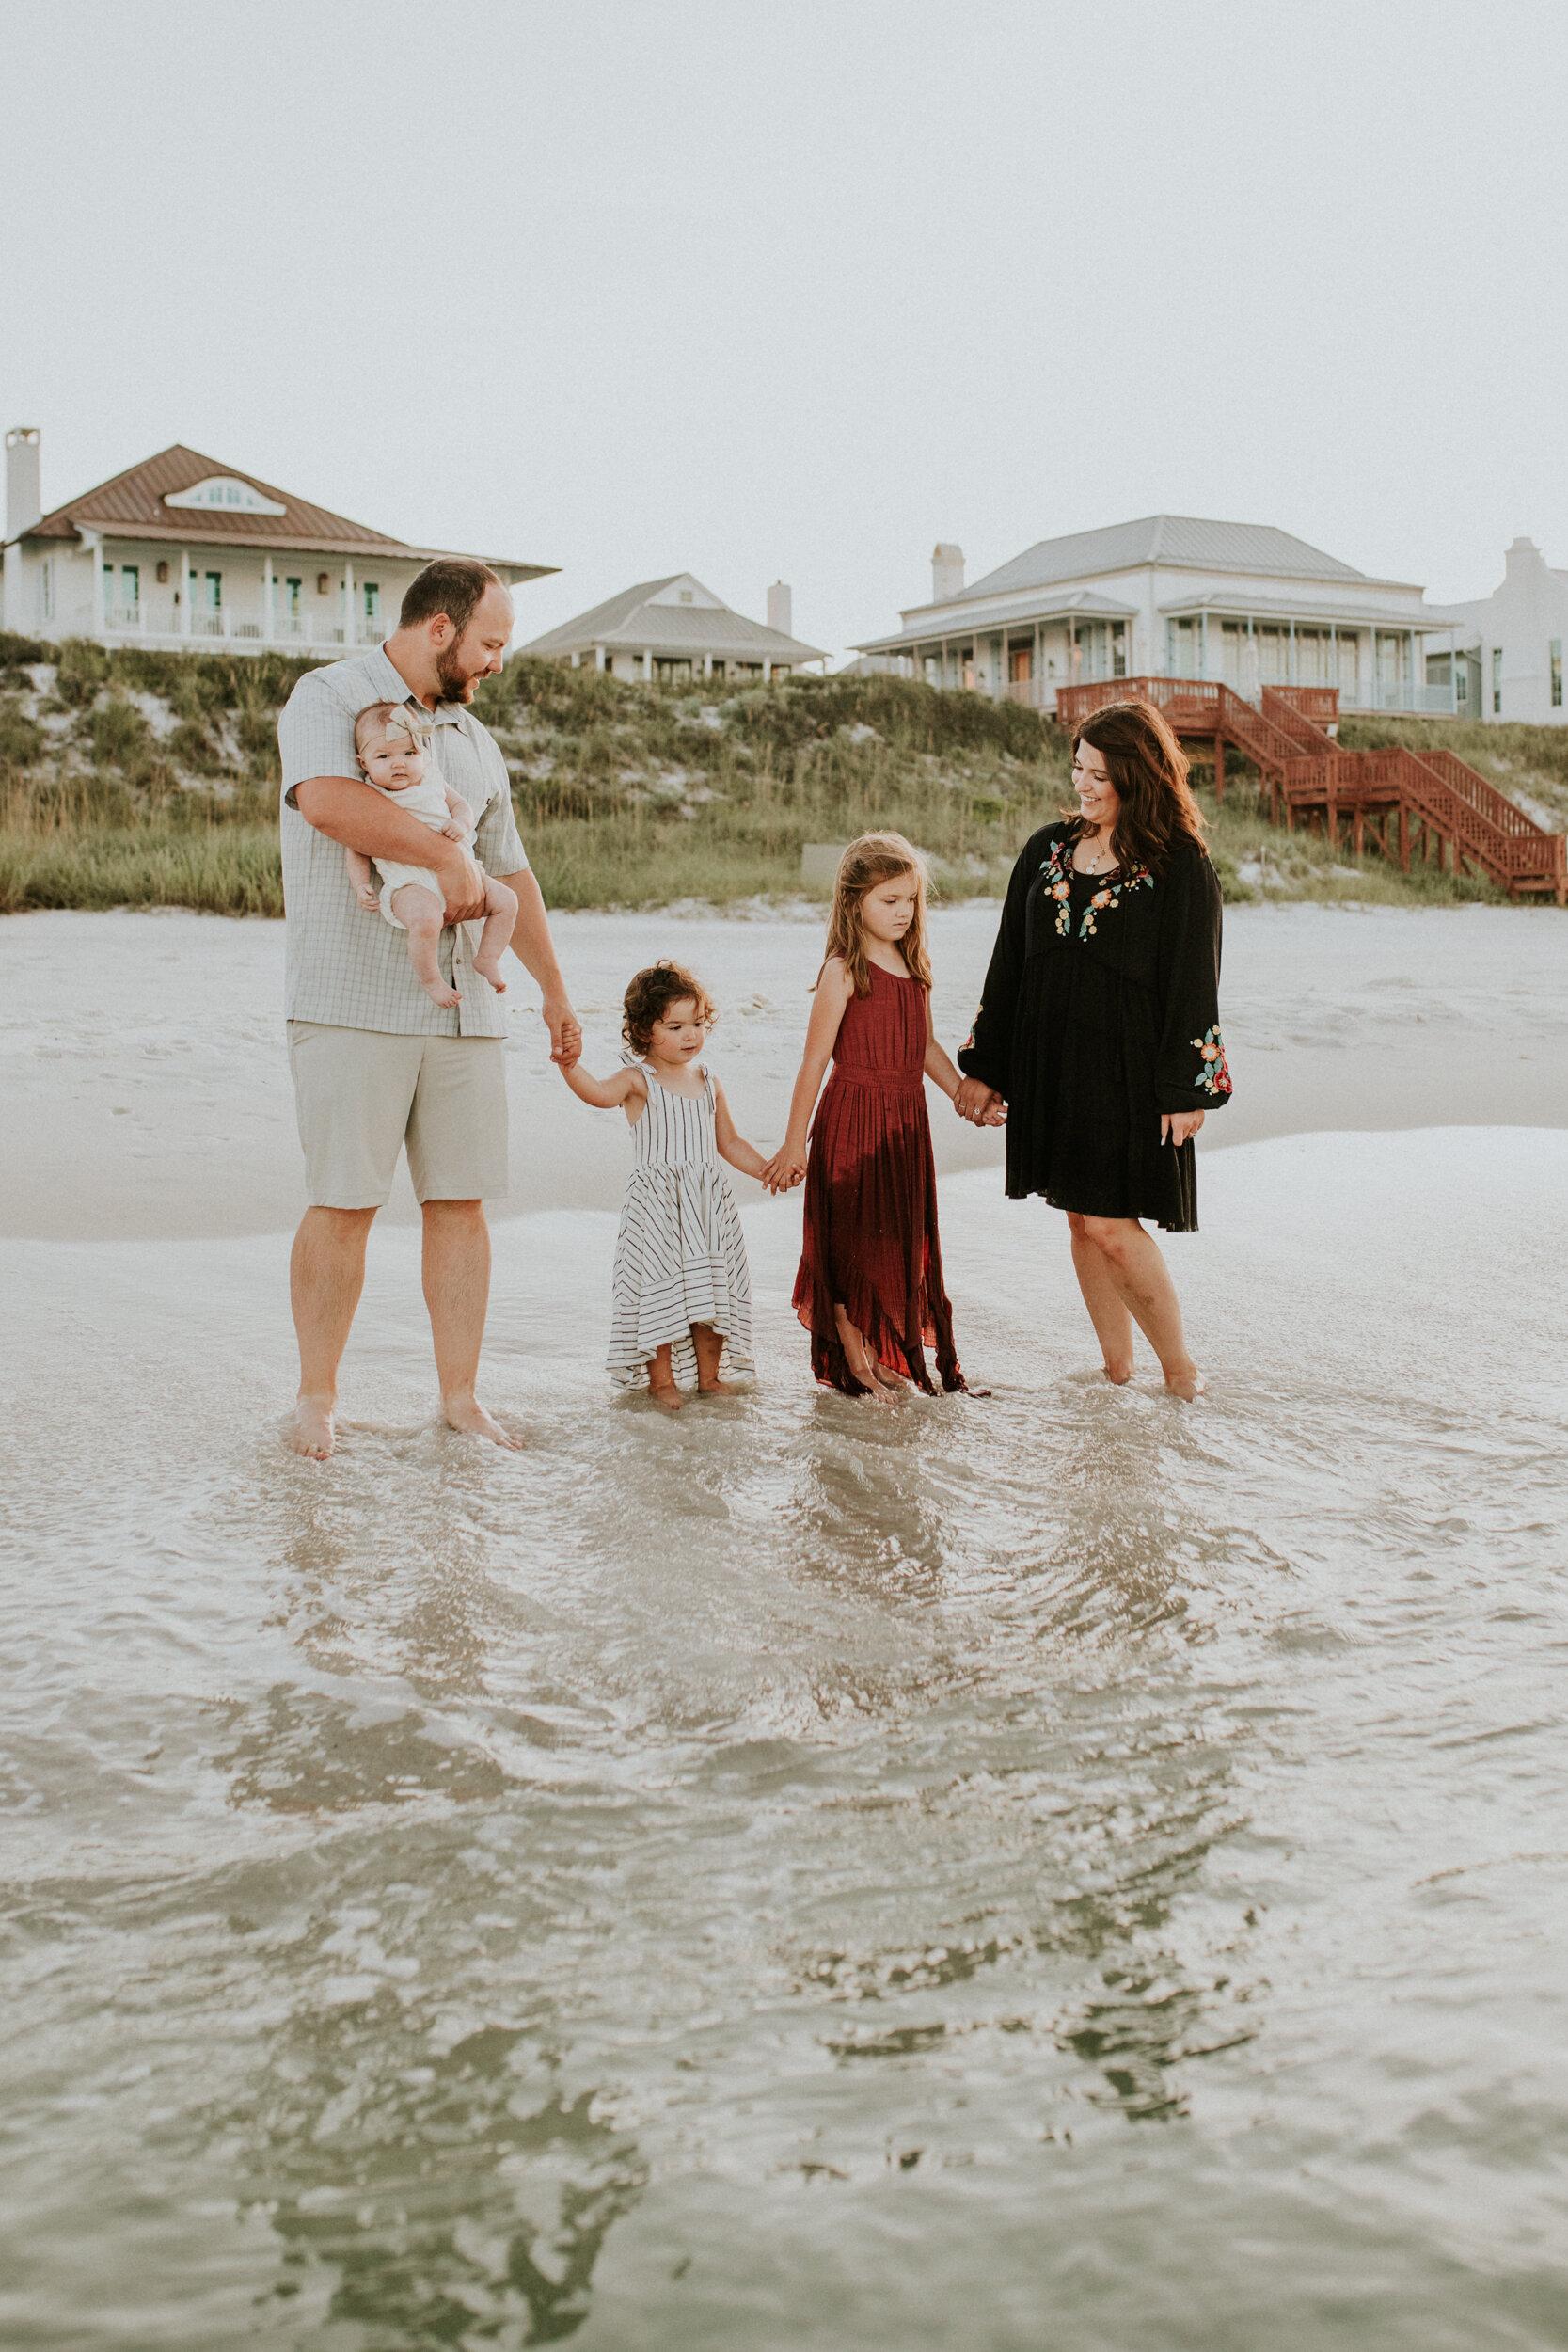 30a_Destin_Rosemary_Beach_Florida_Family_Photographer_Beach_Session-23.jpg